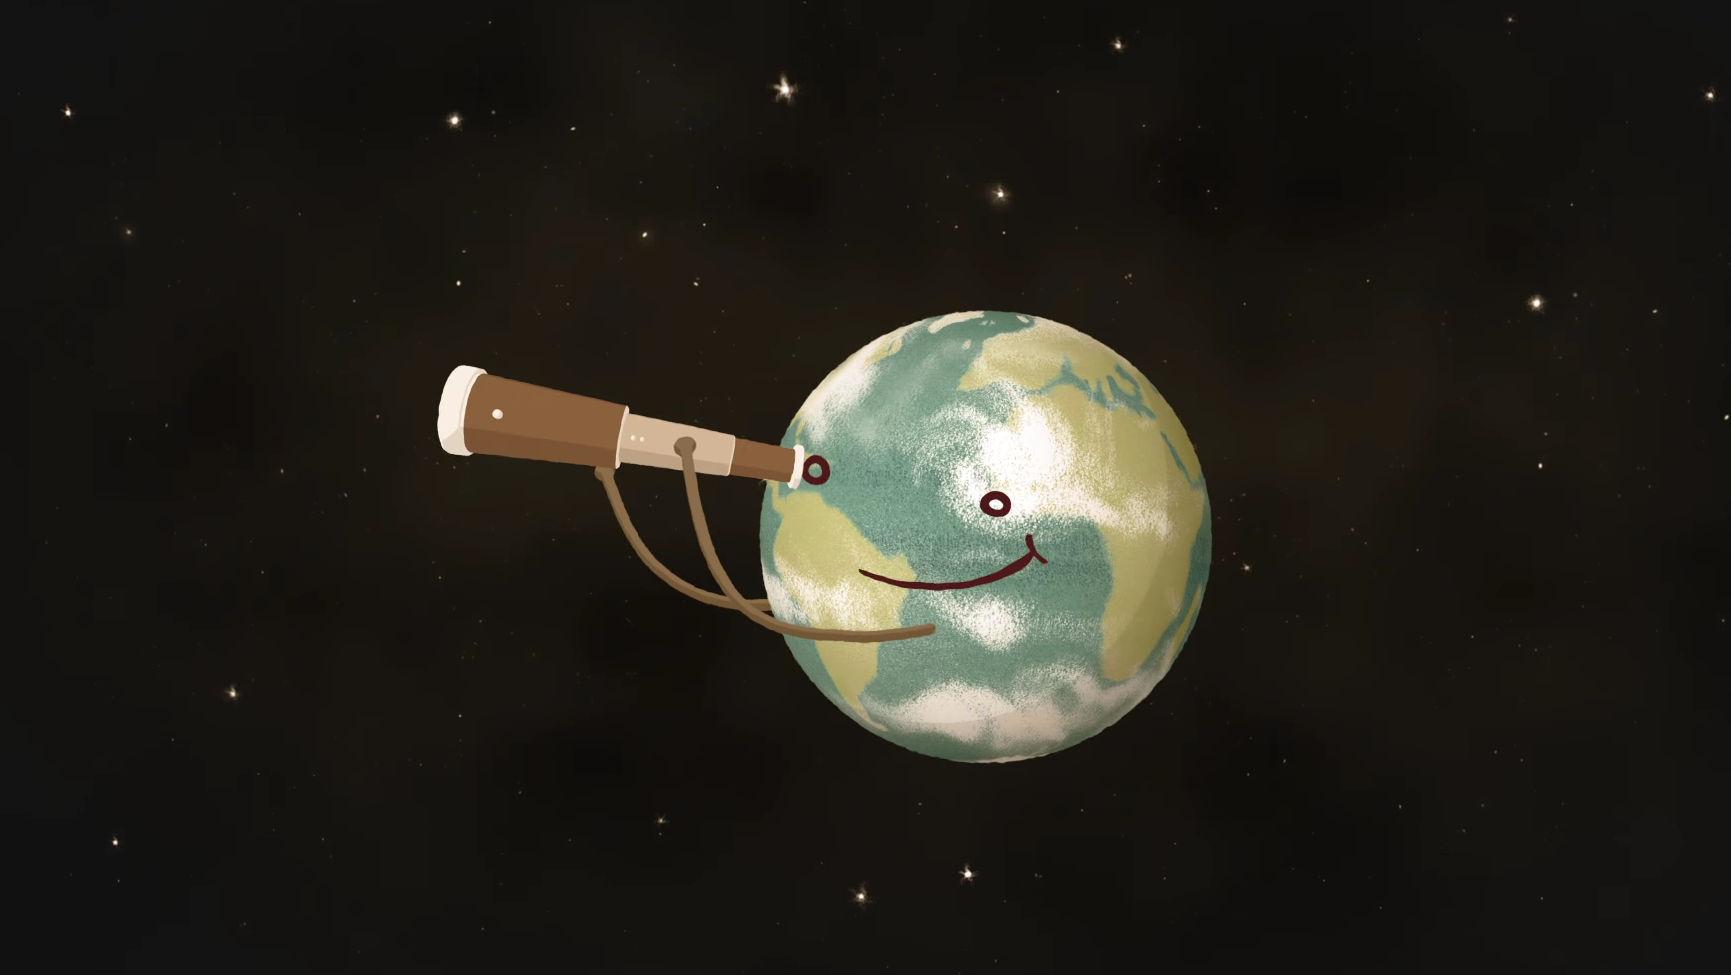 nasa planet x 2019 - HD1731×975